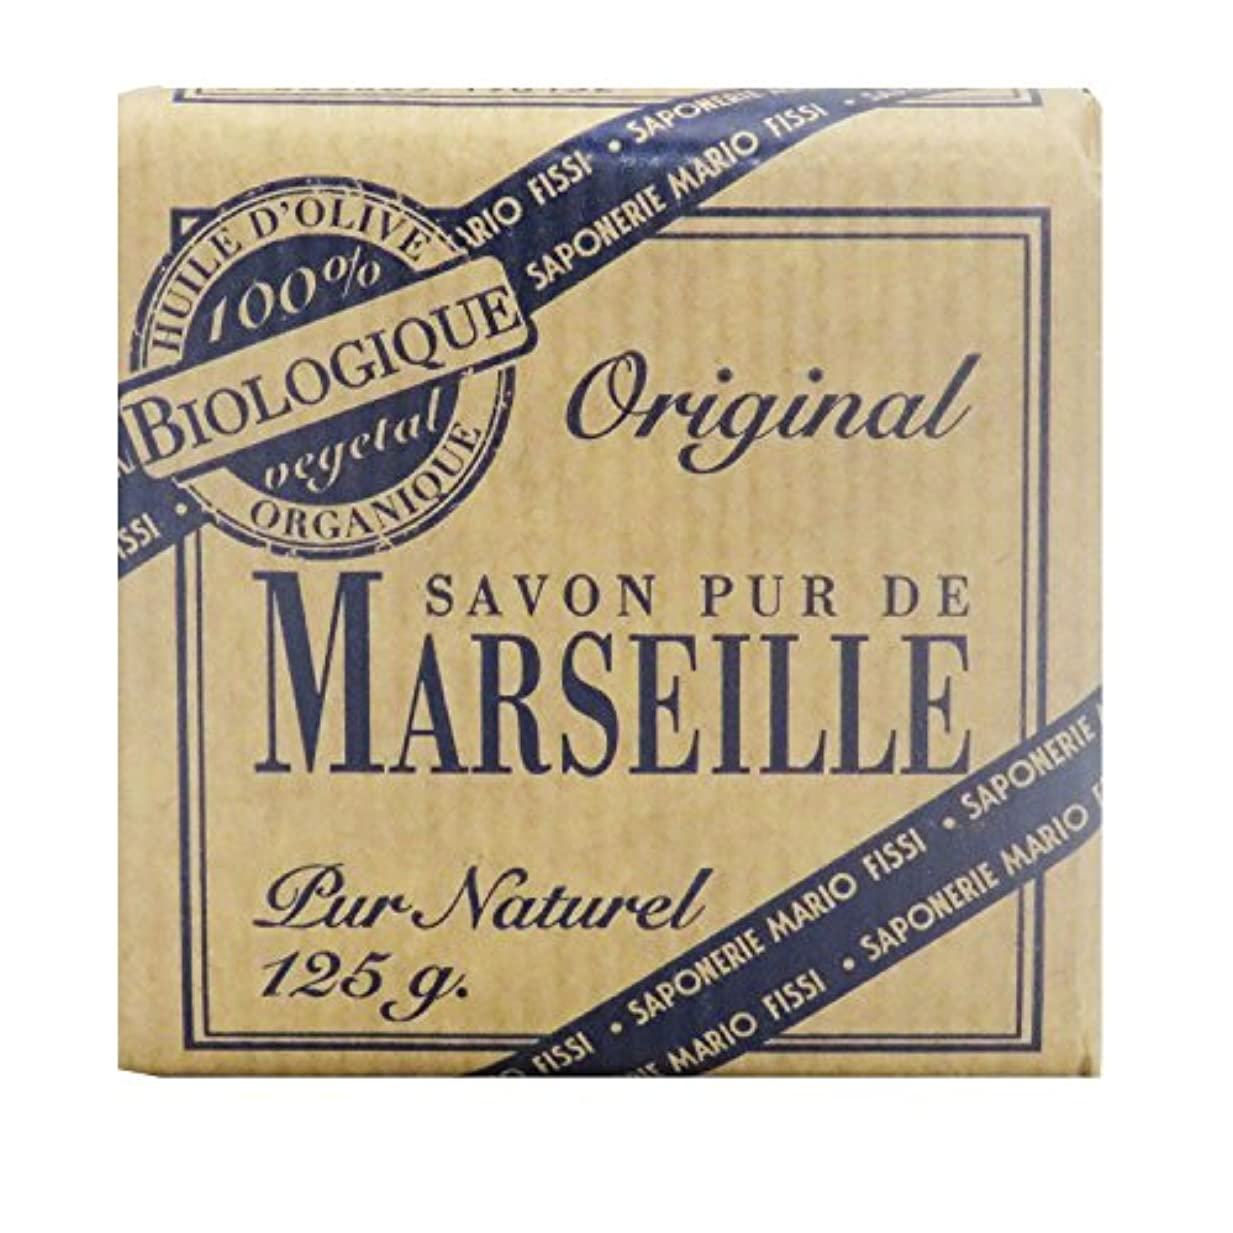 ピルファー小道具通行料金Saponerire Fissi マルセイユシリーズ マルセイユソープ 125g Original オリジナル